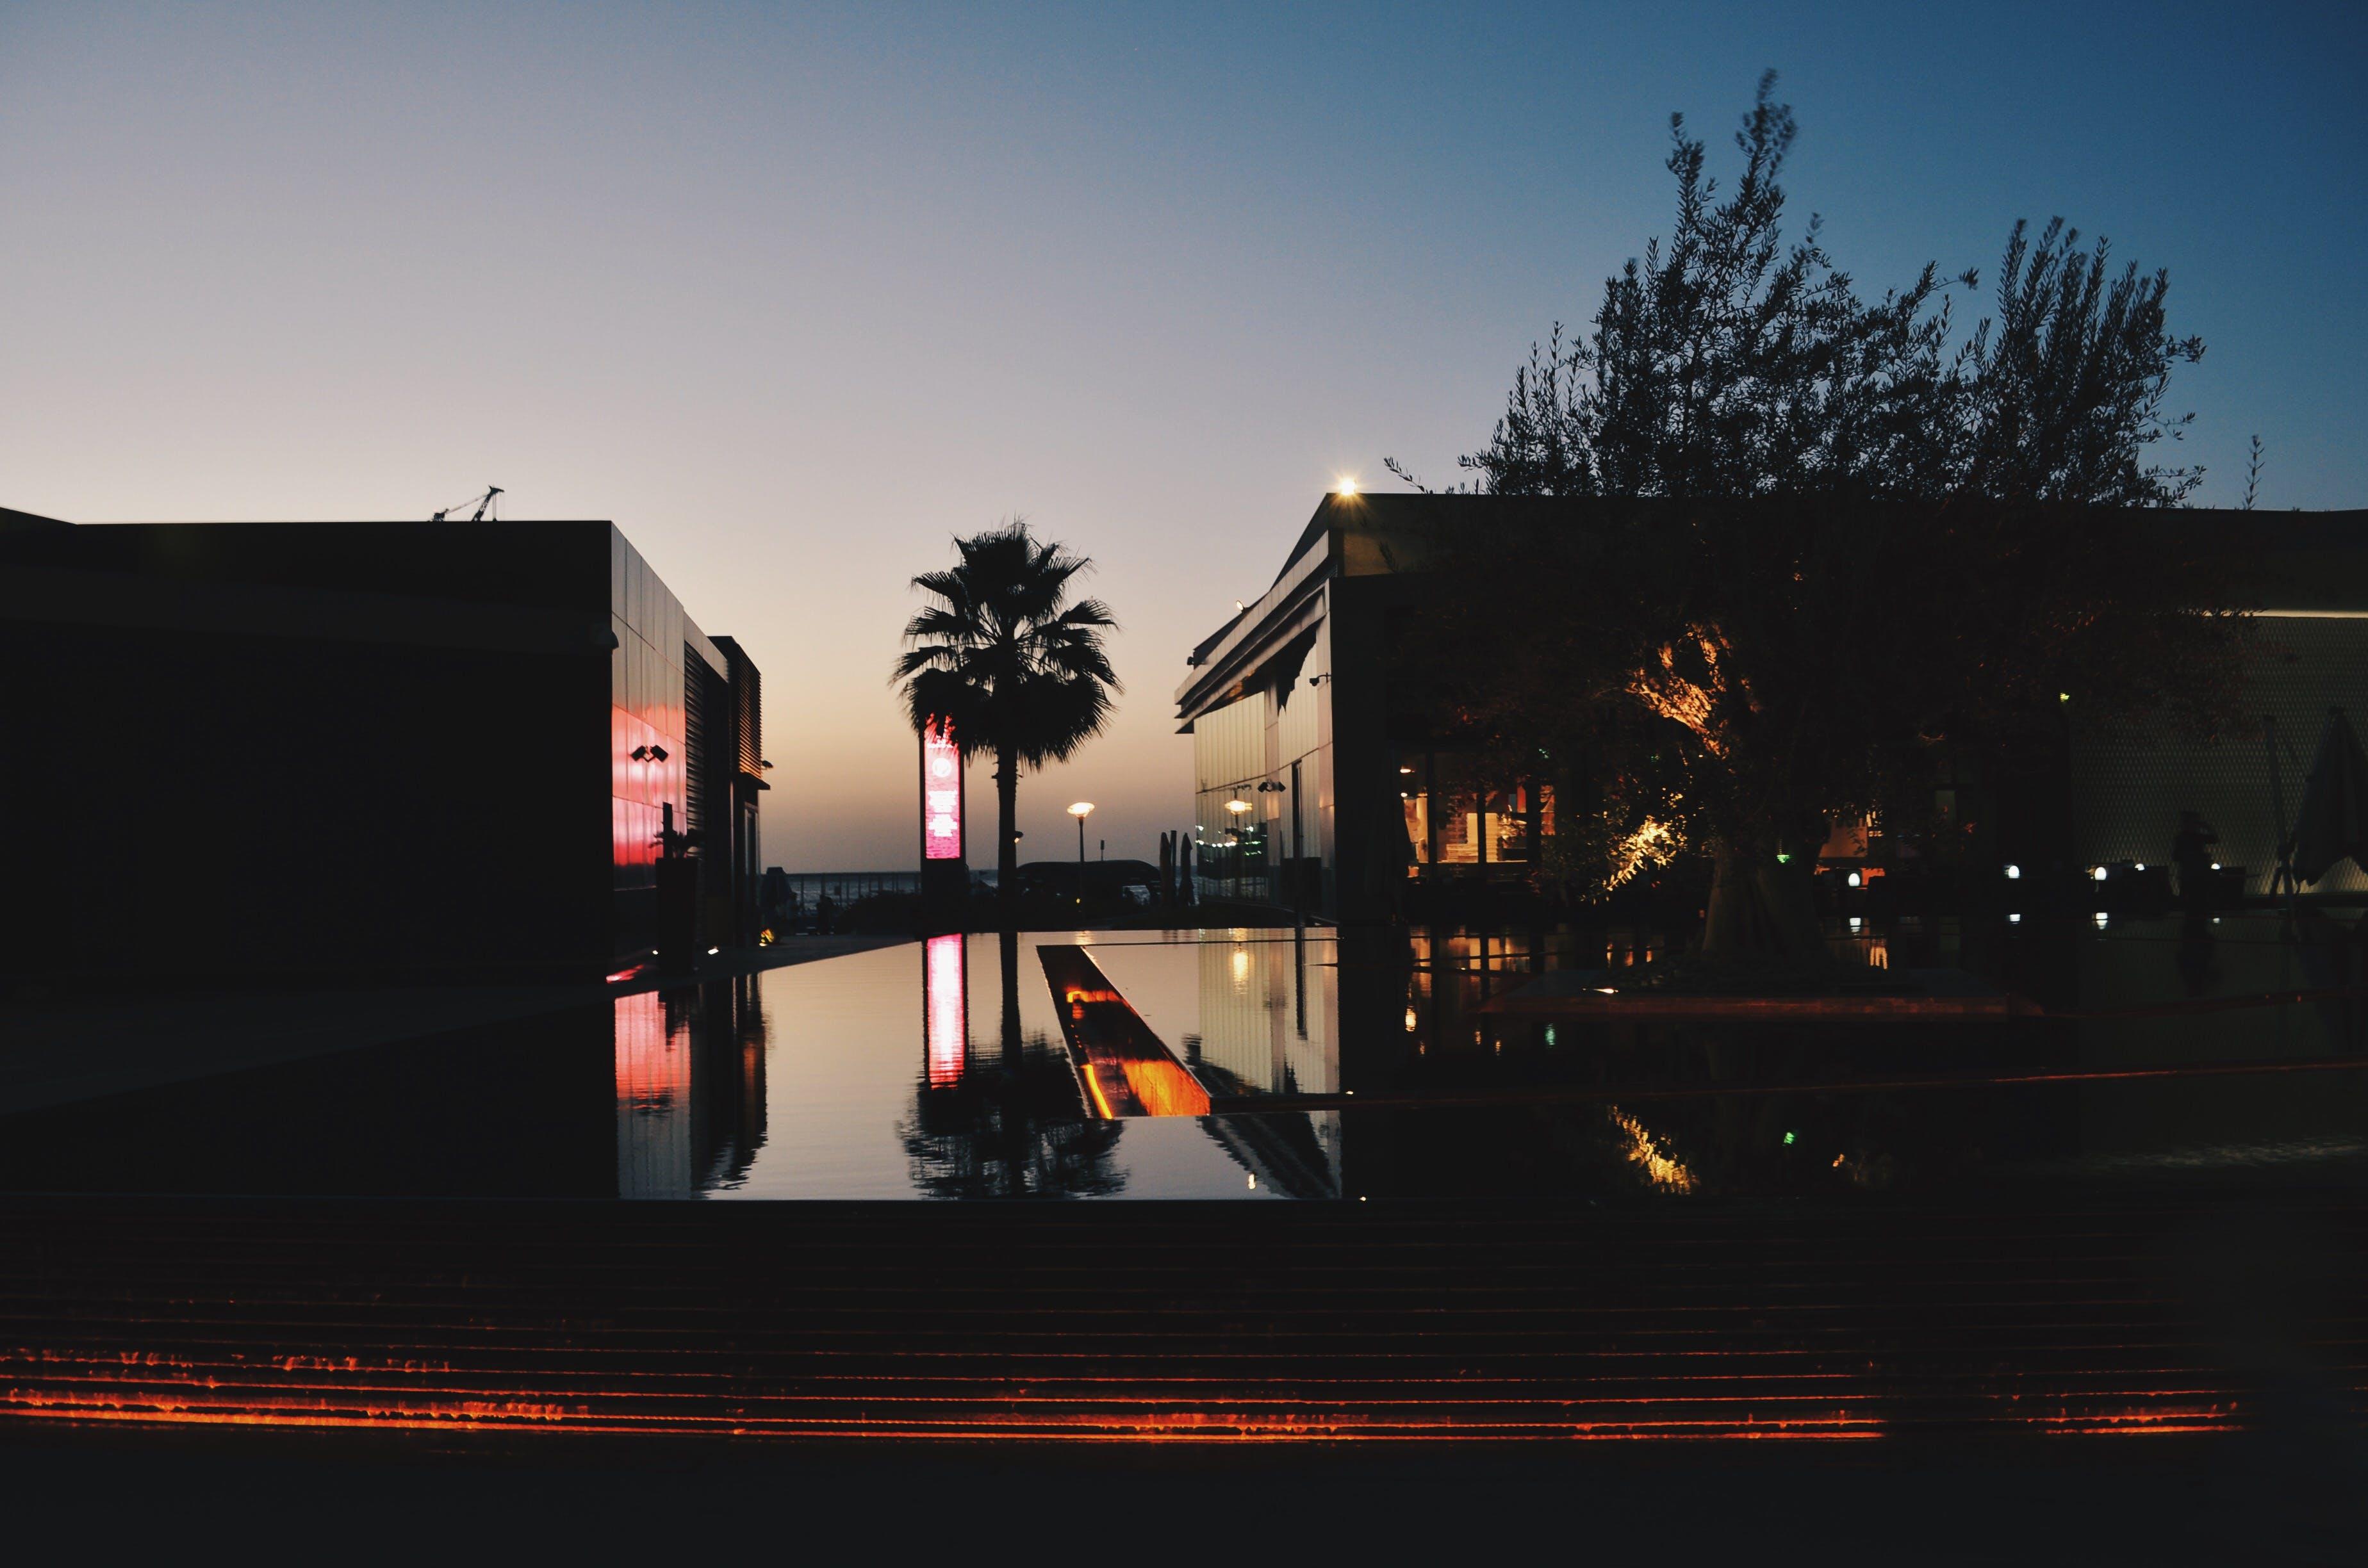 Free stock photo of night, evening, pool, dubai